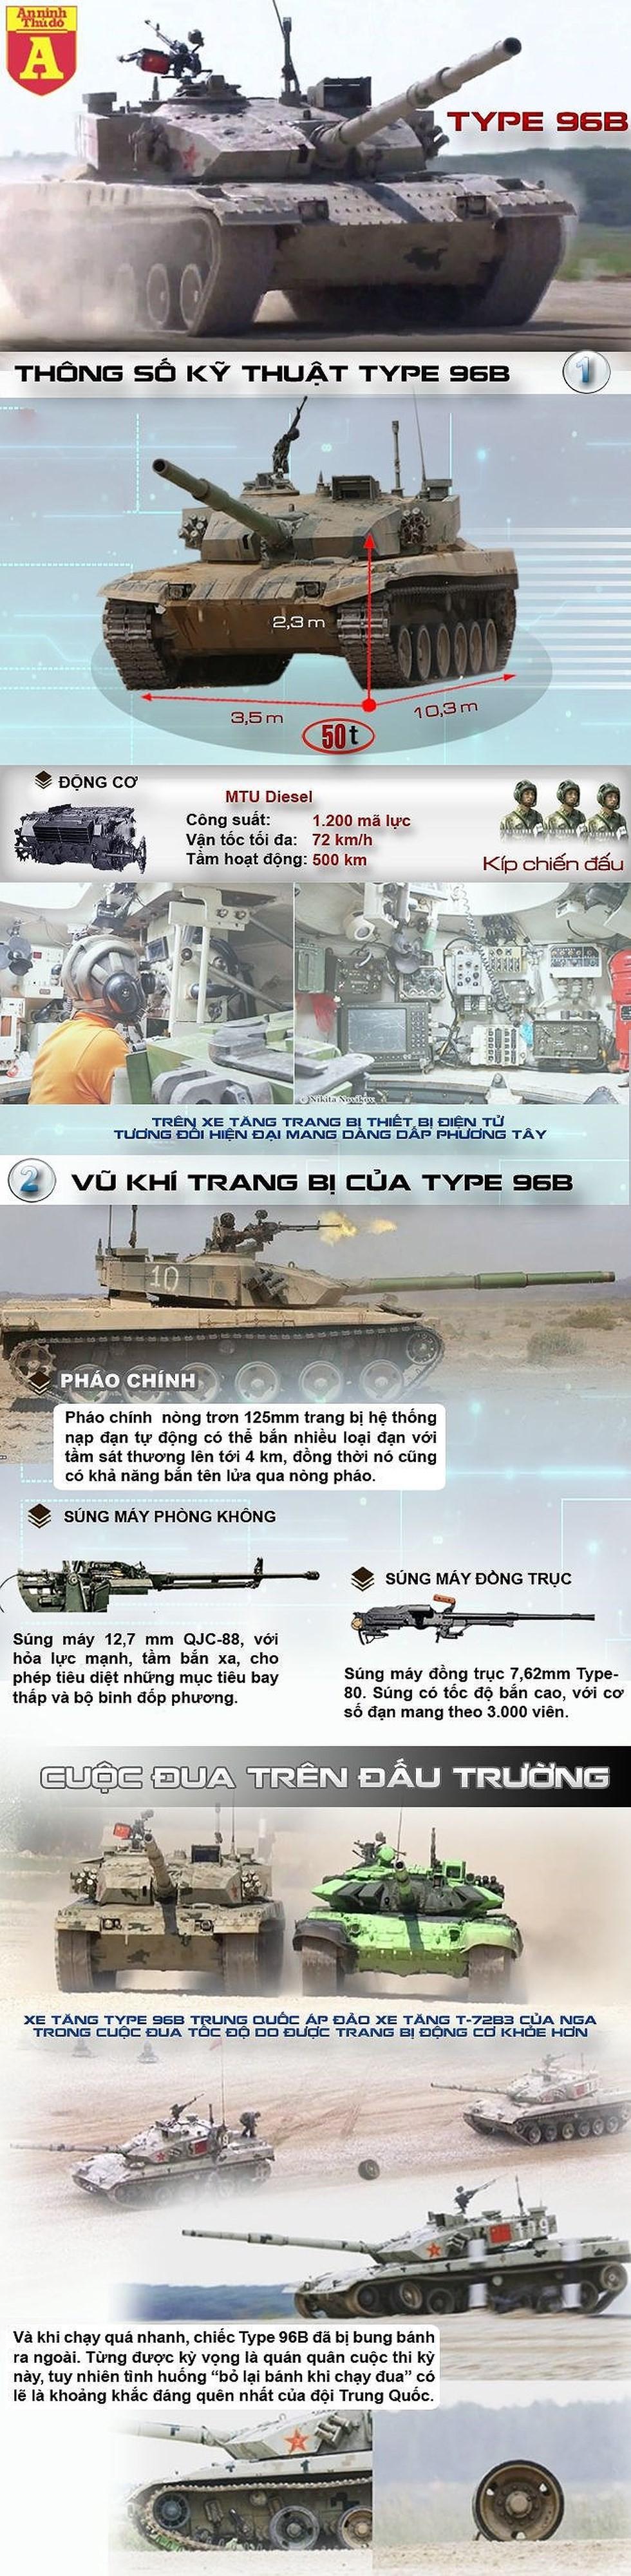 """[Info] Trung Quốc đã thua giải đấu tăng dù mang xe tăng """"quốc bảo"""" Type-96B đi thi đấu ảnh 2"""